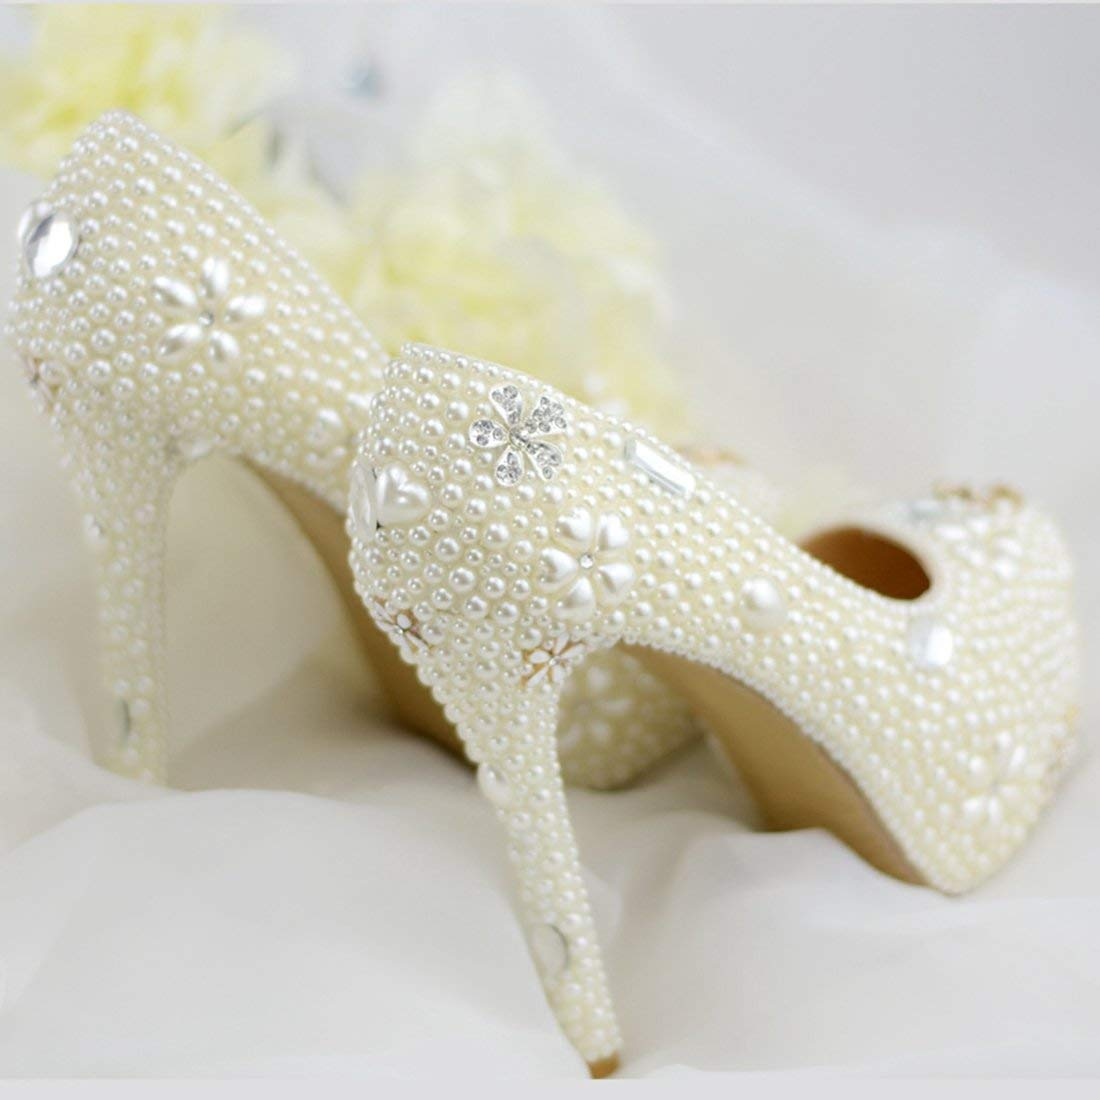 ZHRUI ZHRUI ZHRUI Damen Versteckte Plattform High Heel Elfenbein Perlen Slip-on Braut Hochzeit Schuhe UK 4.5 (Farbe   -, Größe   -) 460db2